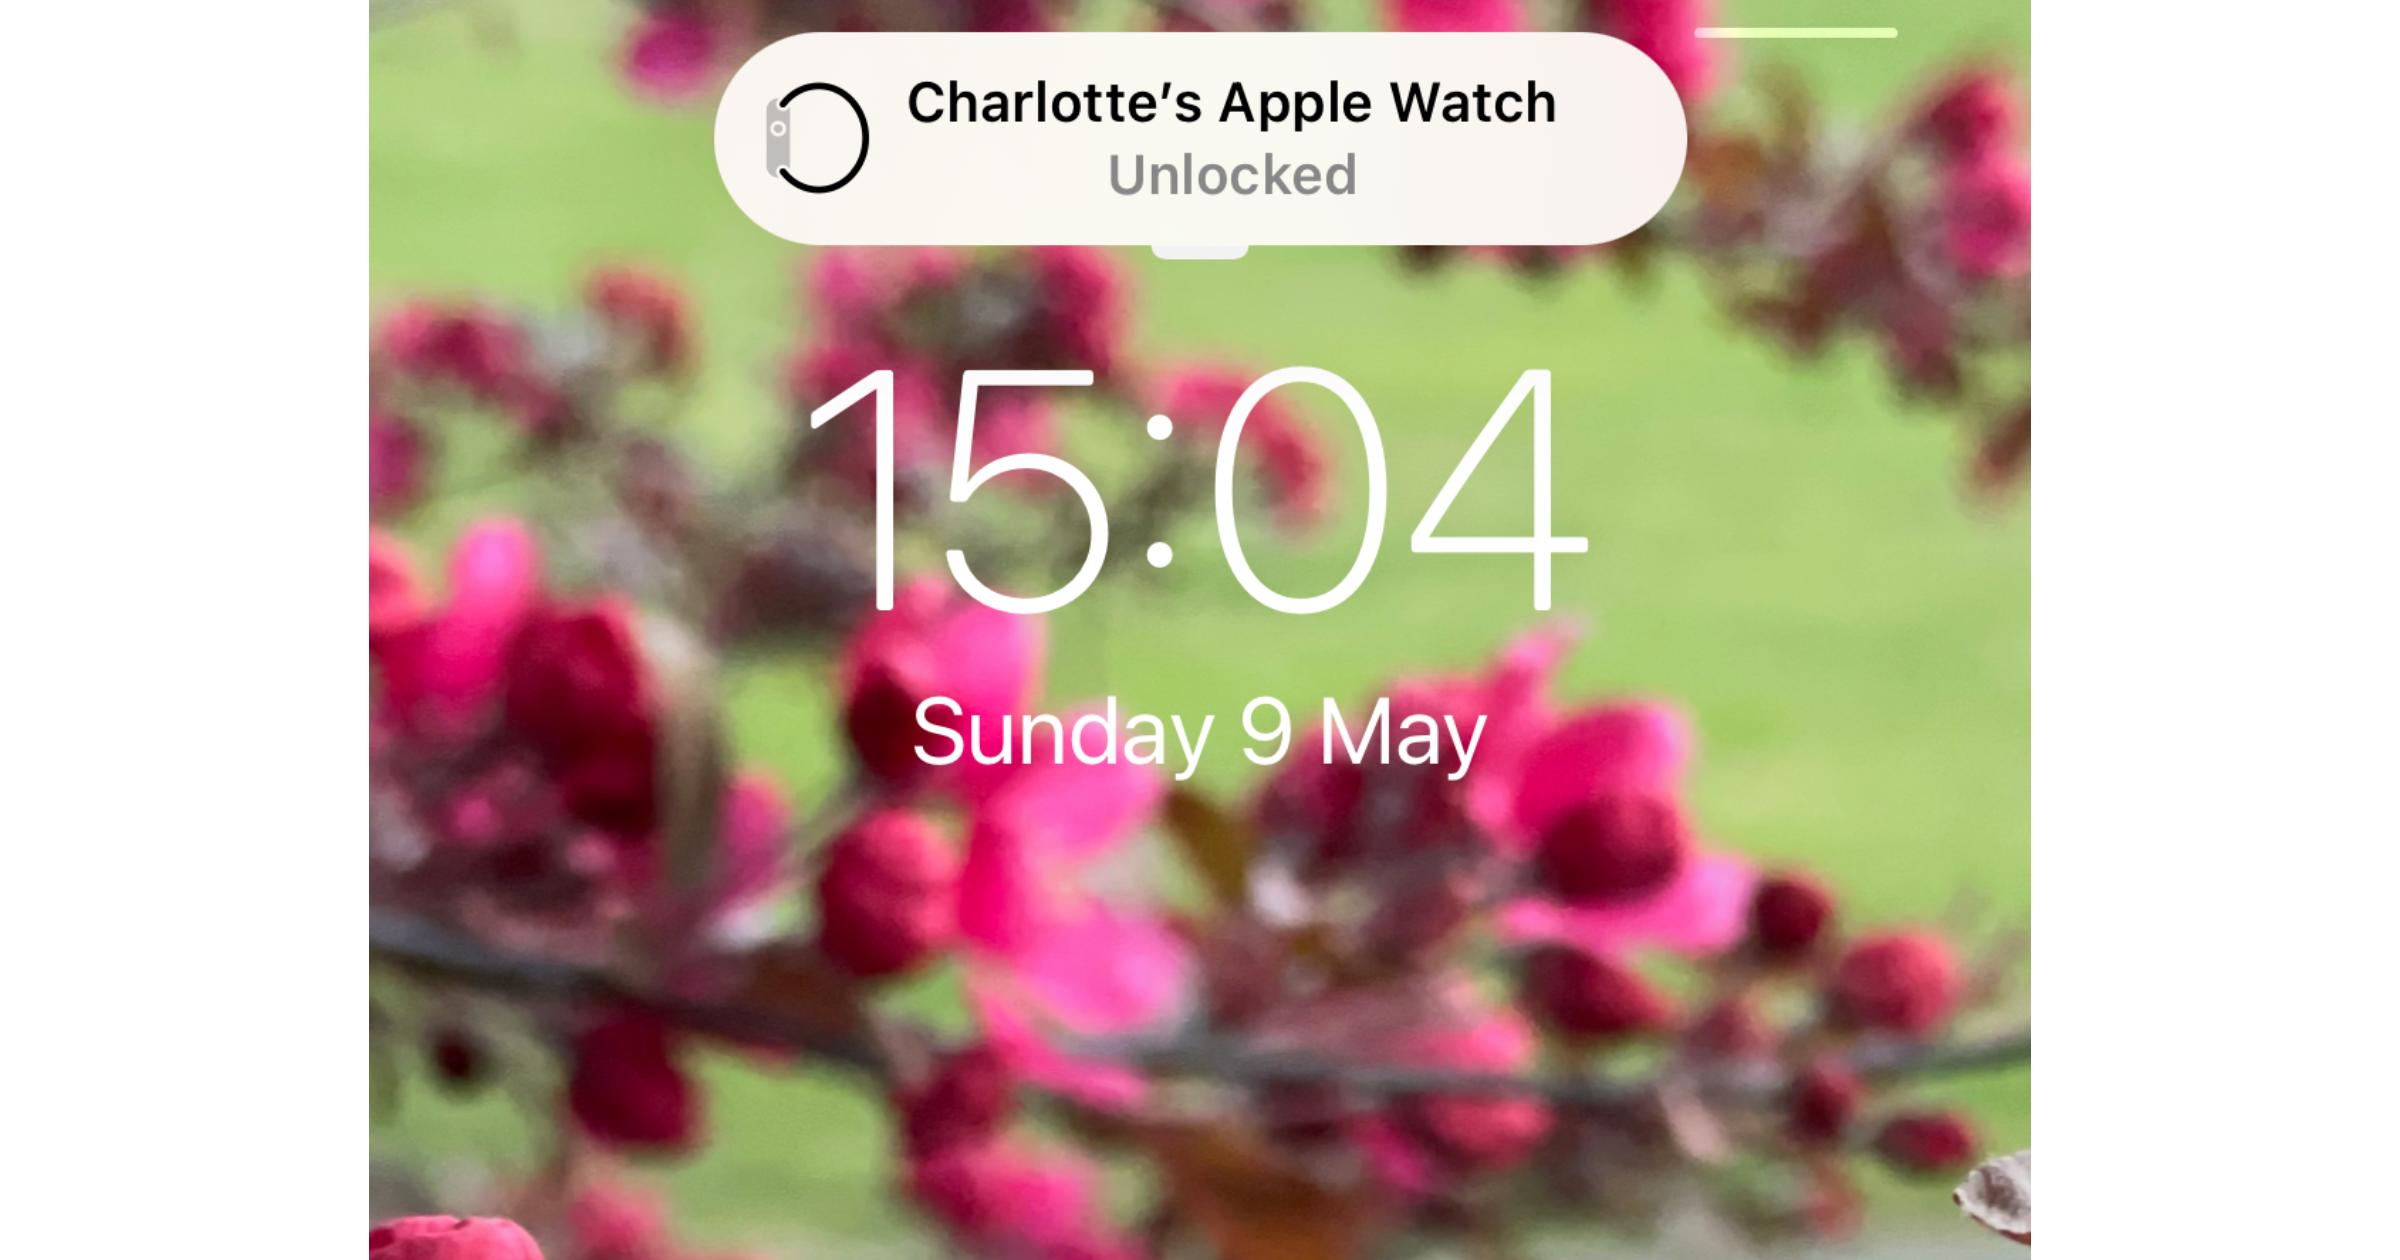 Apple Watch unlocked notification